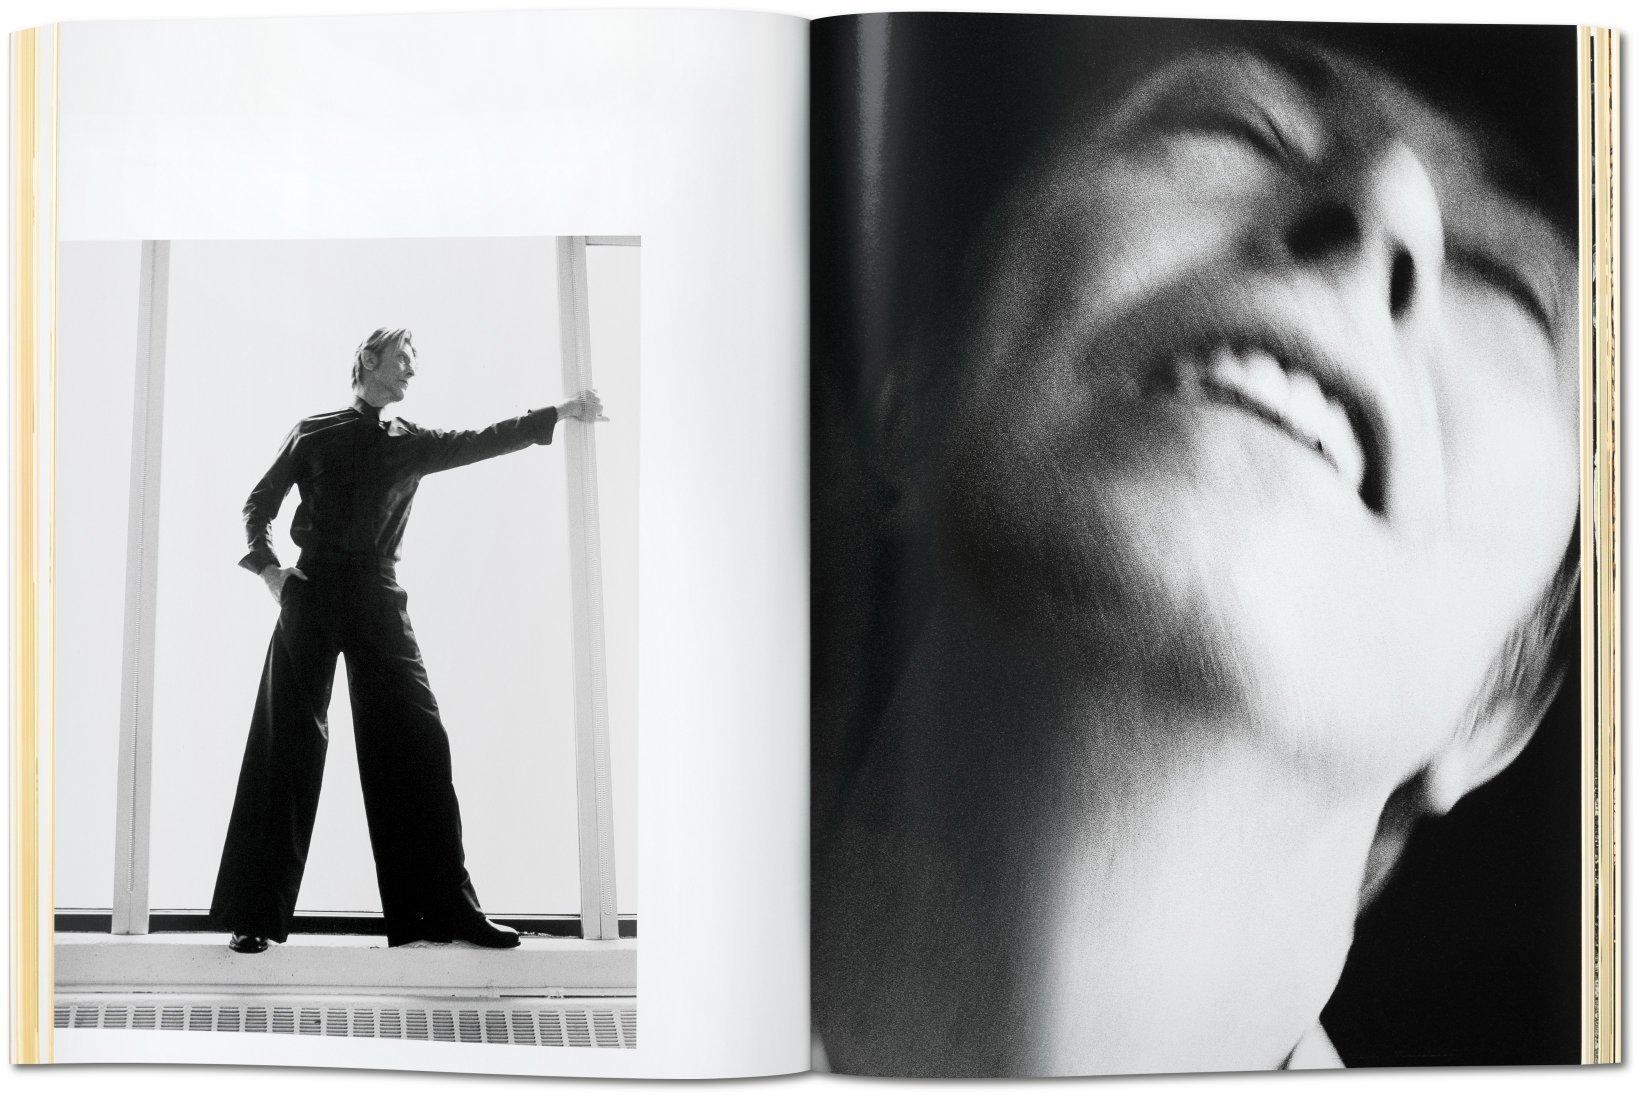 David Bowie, New York, V Magazine 2002